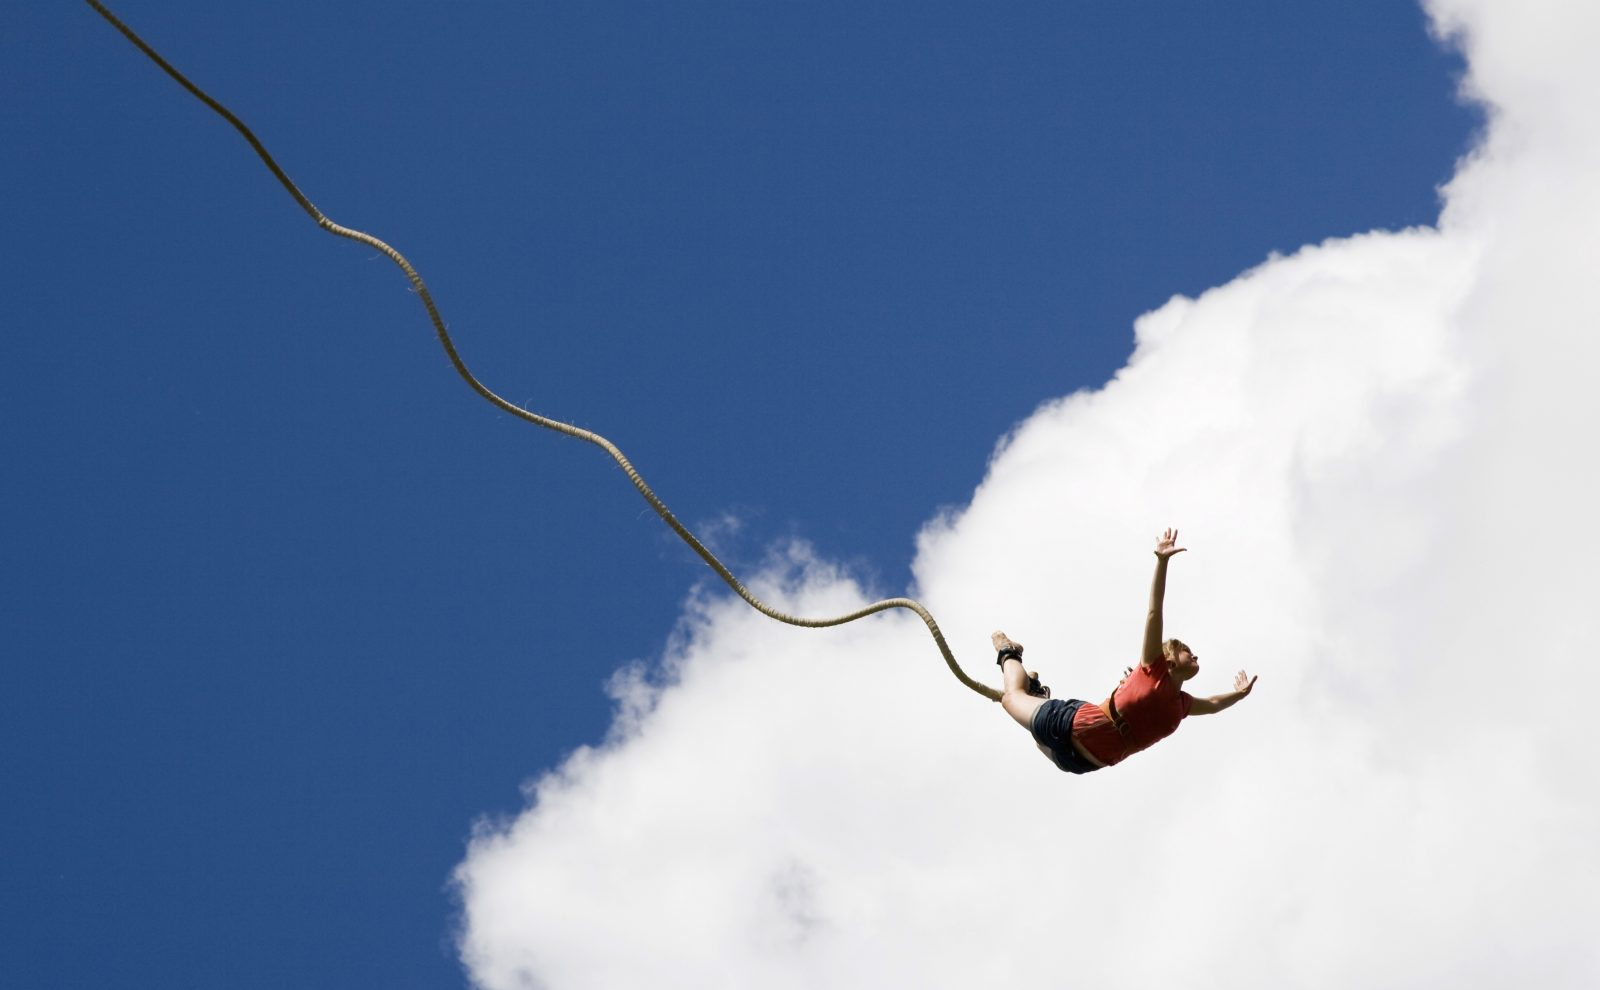 13-ти май: Бъджи скокове на Клисура